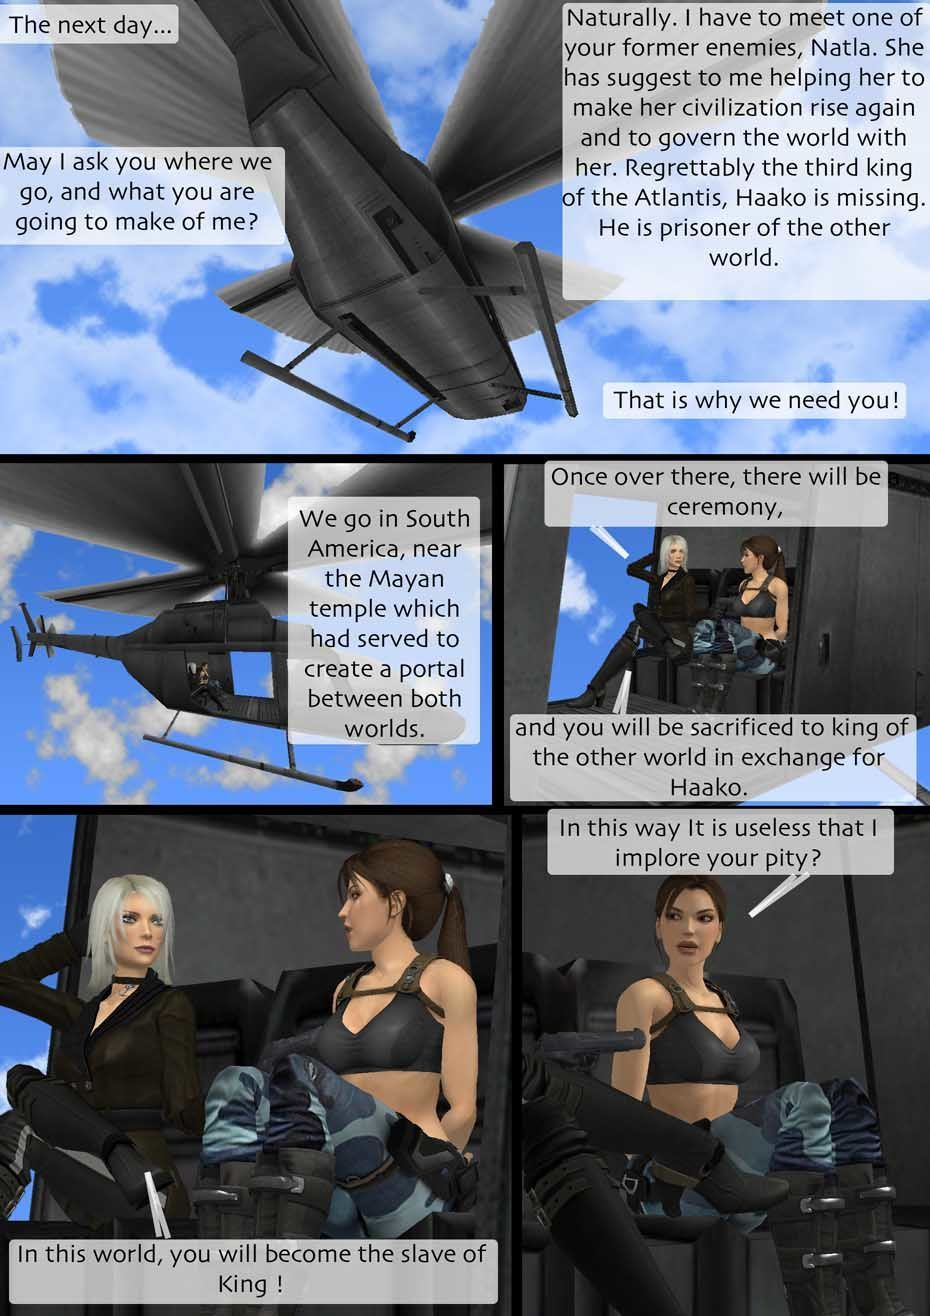 Tomb Raider Endgame (no text) - part 2